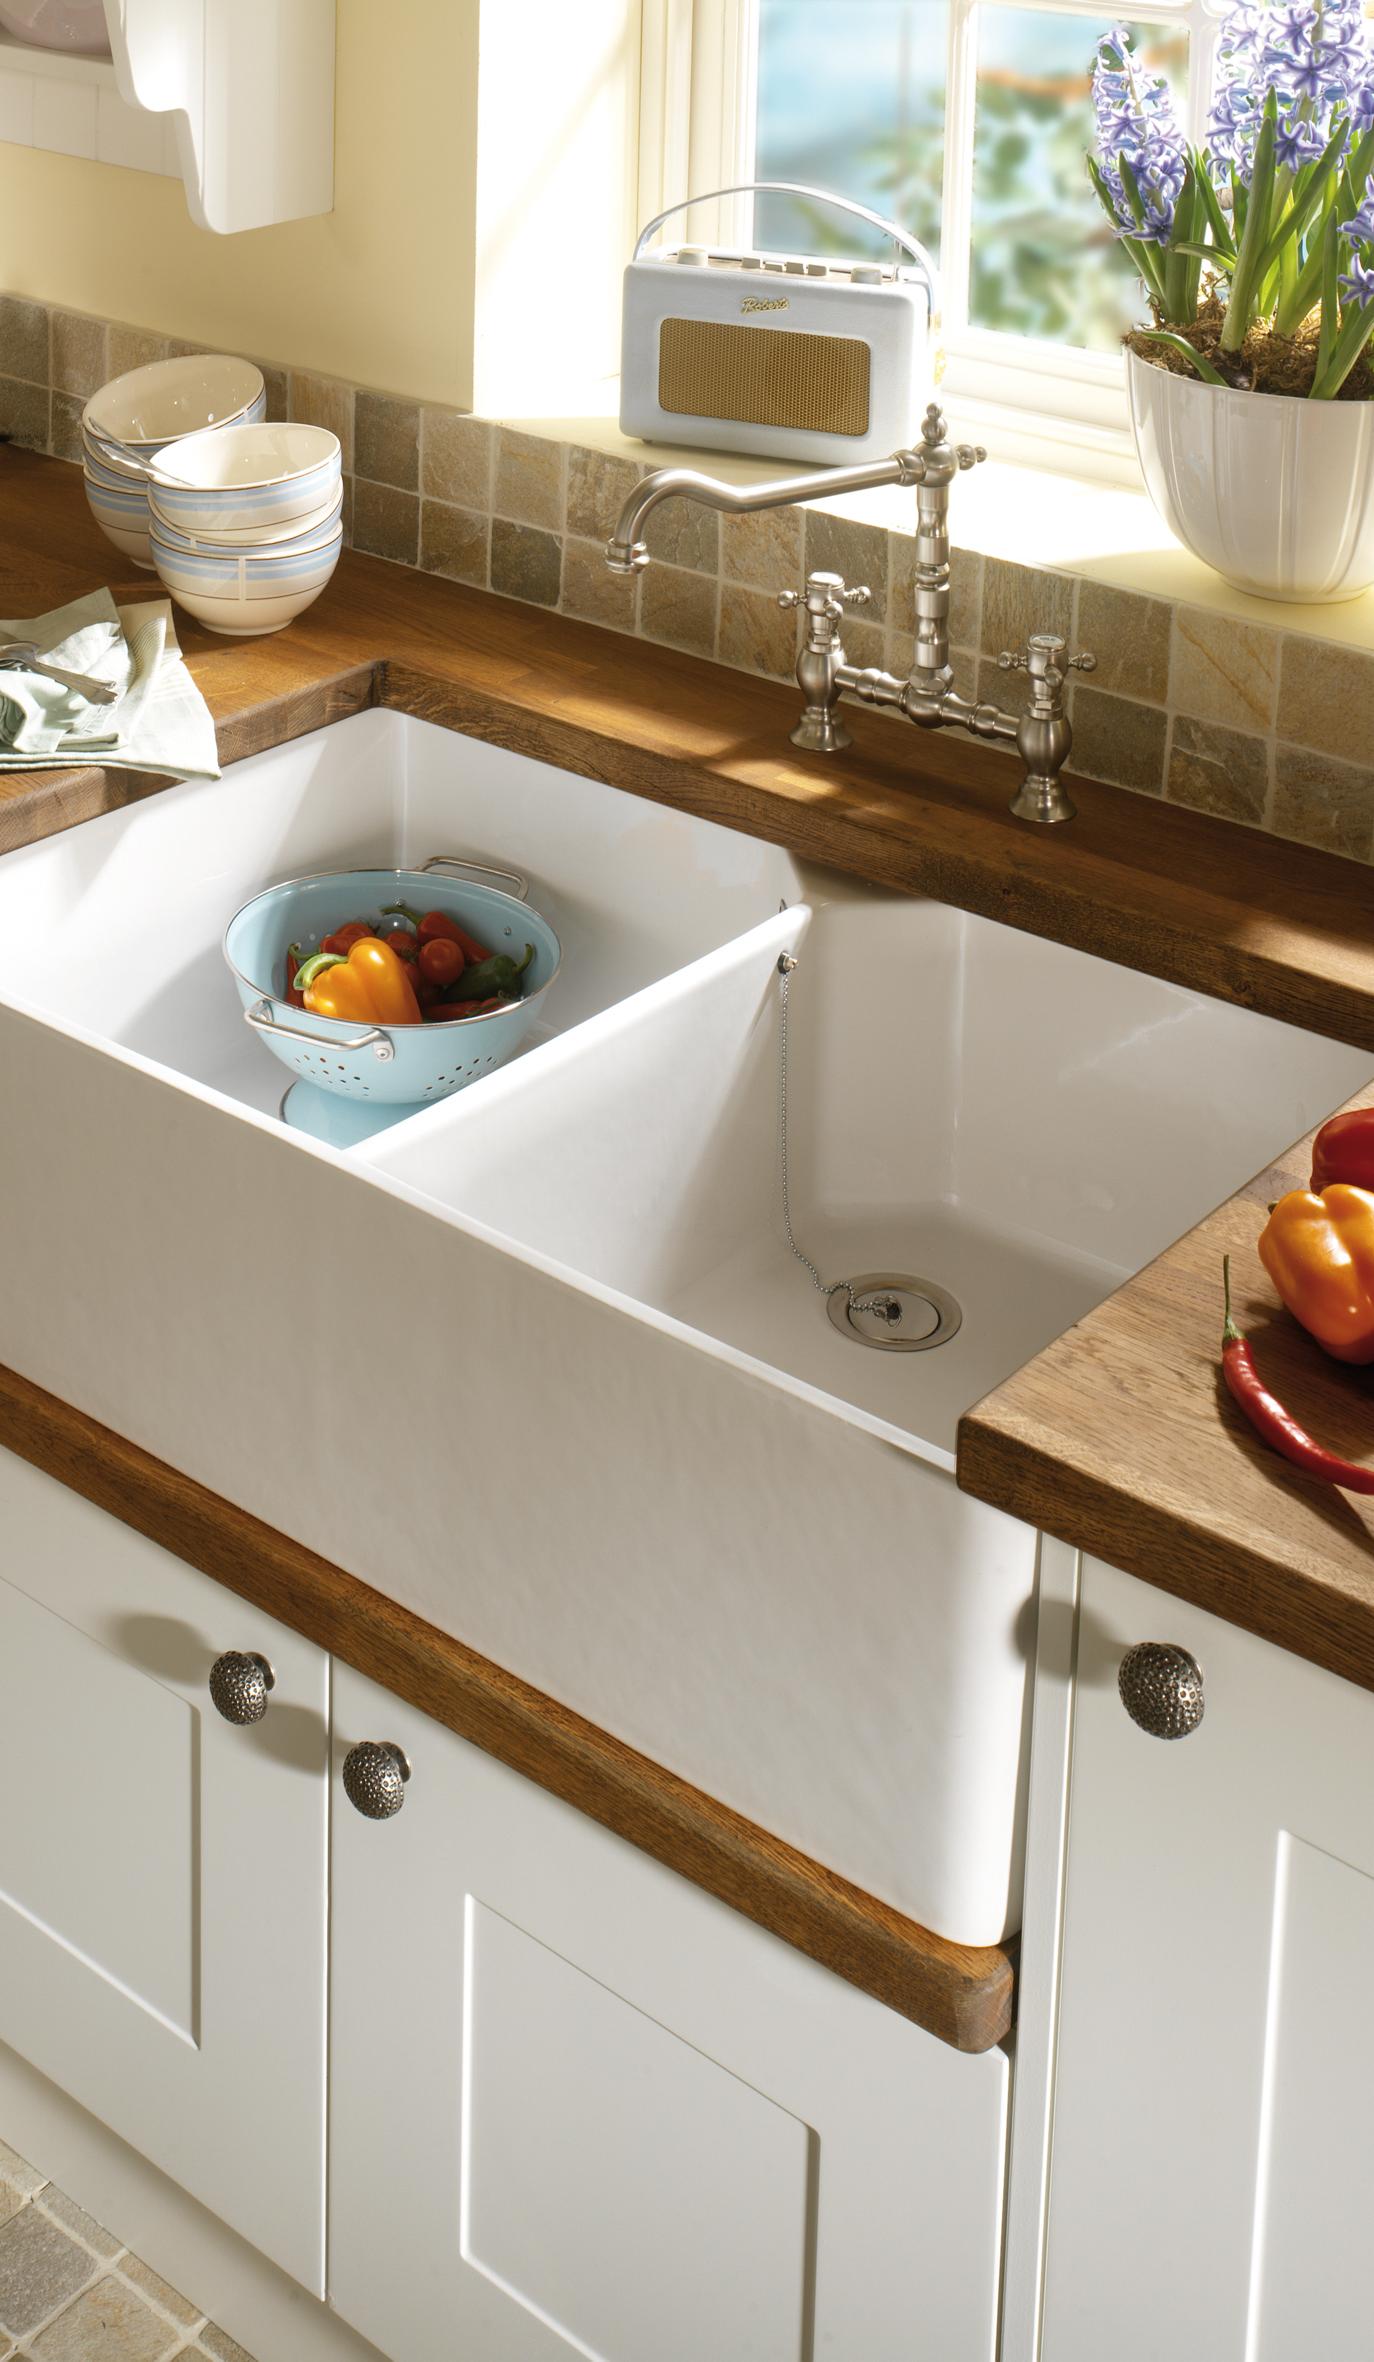 Keramik Küchen Spülbecken  Keramik Spülbecken Küche  Haus Planen